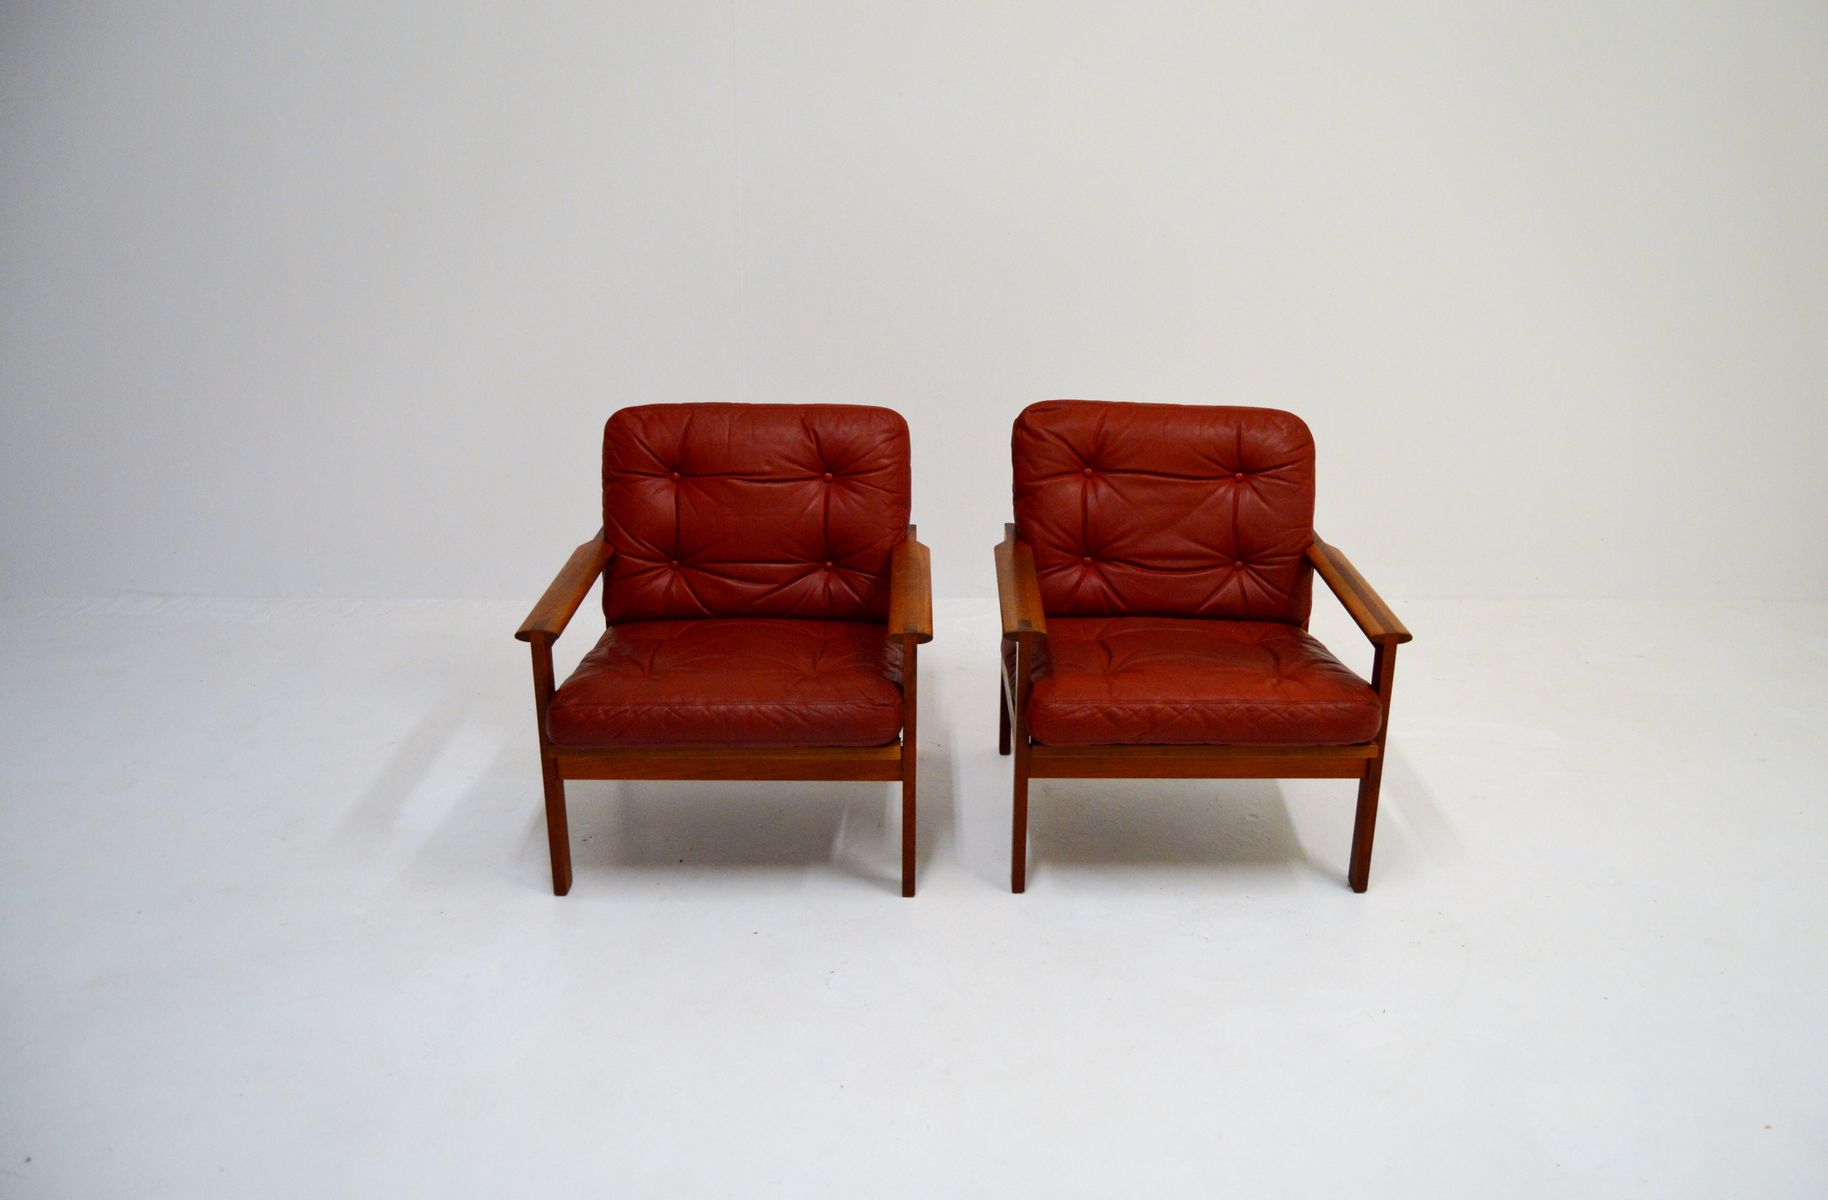 Vintage Sessel aus Rotem Leder und Teak von Illum Wikkelso für Niels E...